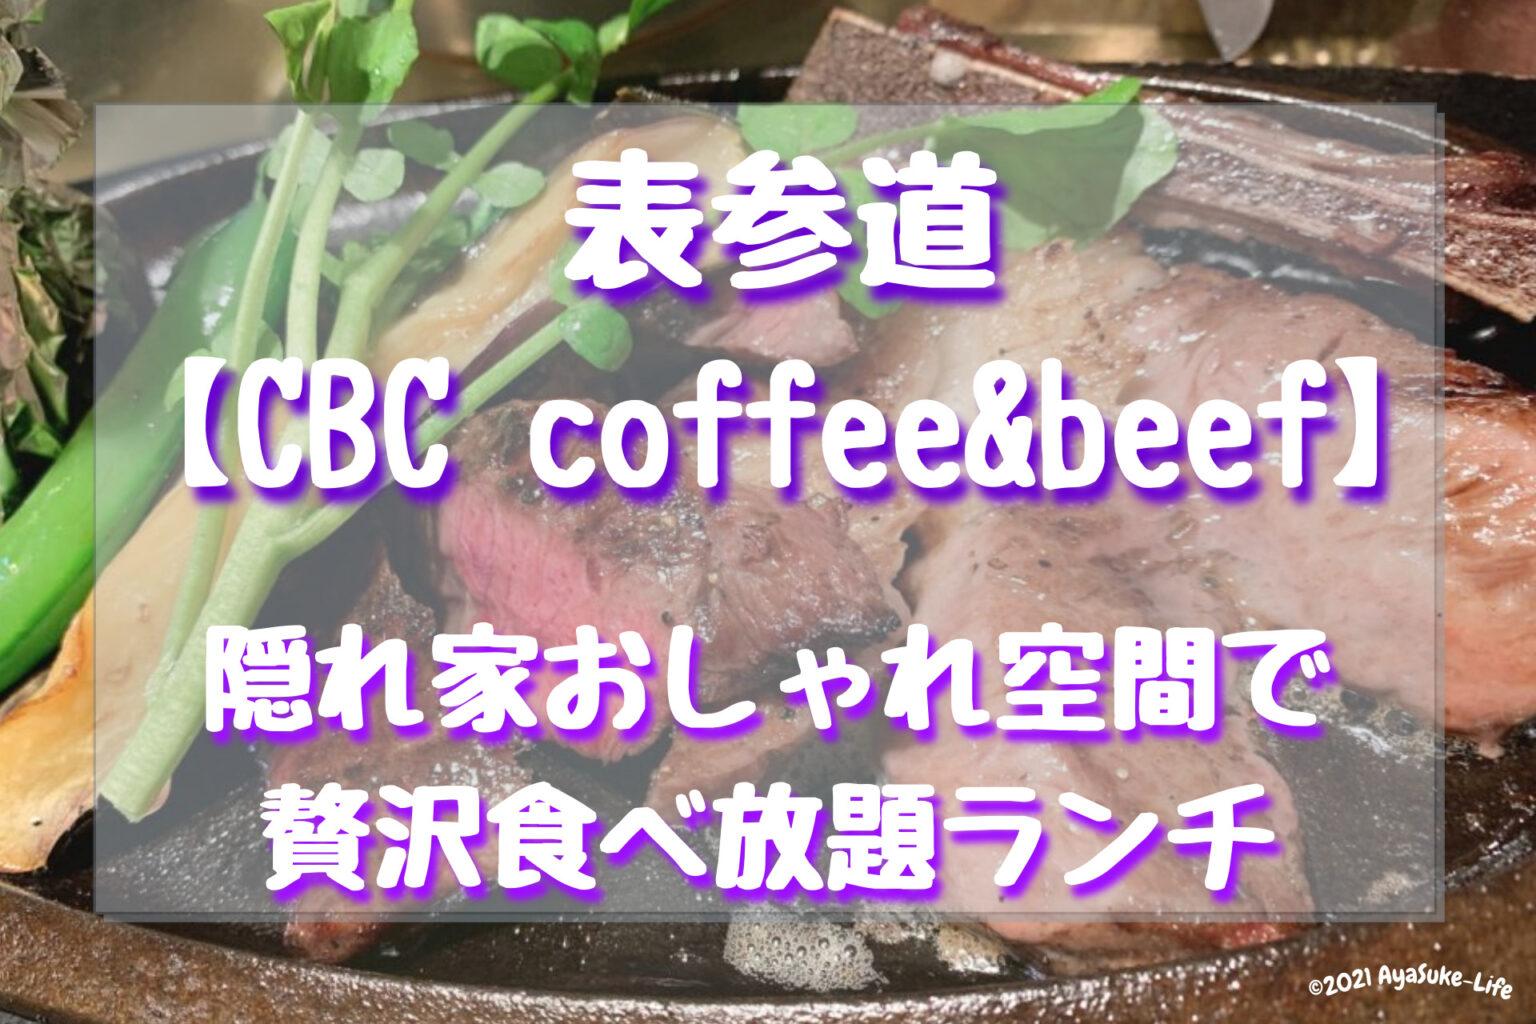 表参道【CBC coffee&beef】隠れ家おしゃれ空間で贅沢食べ放題ランチ